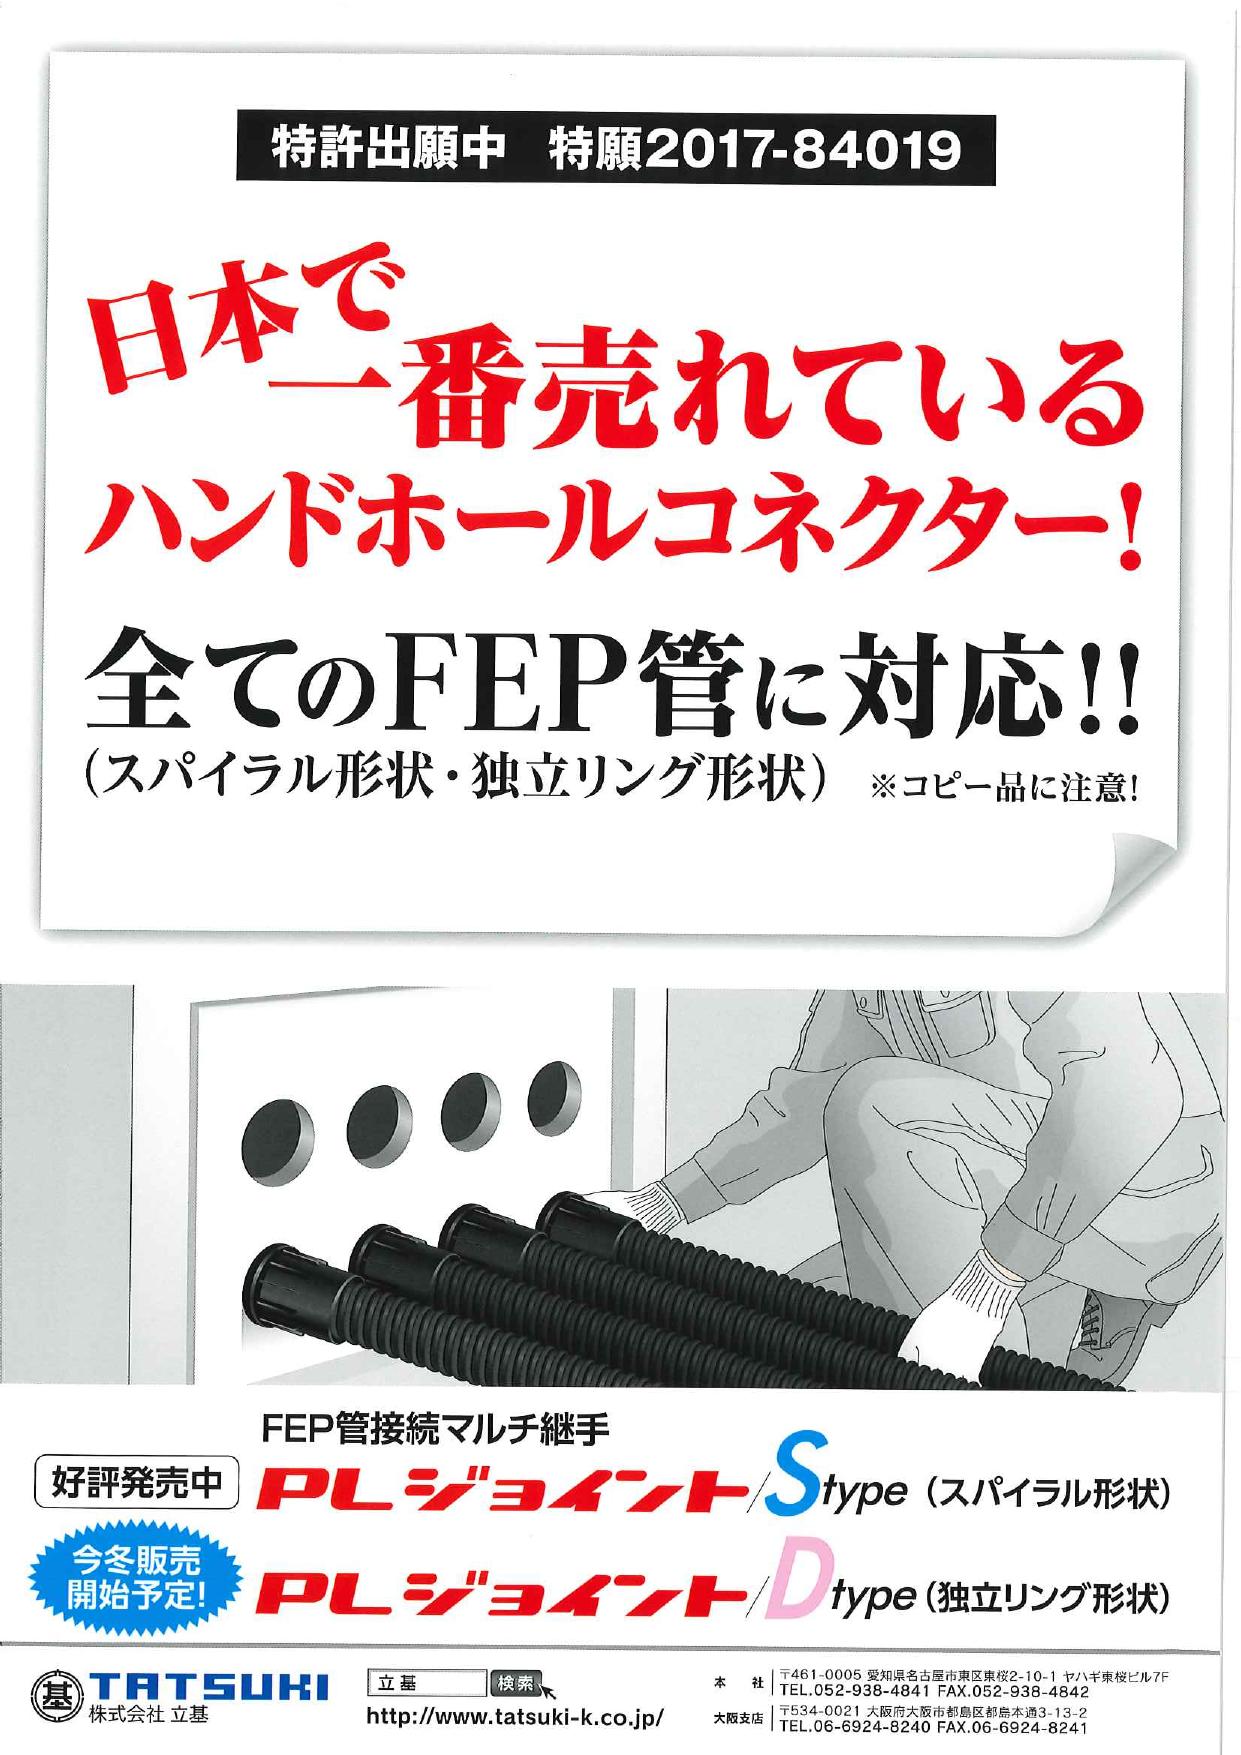 FEP管接続マルチ継手 PLジョイント